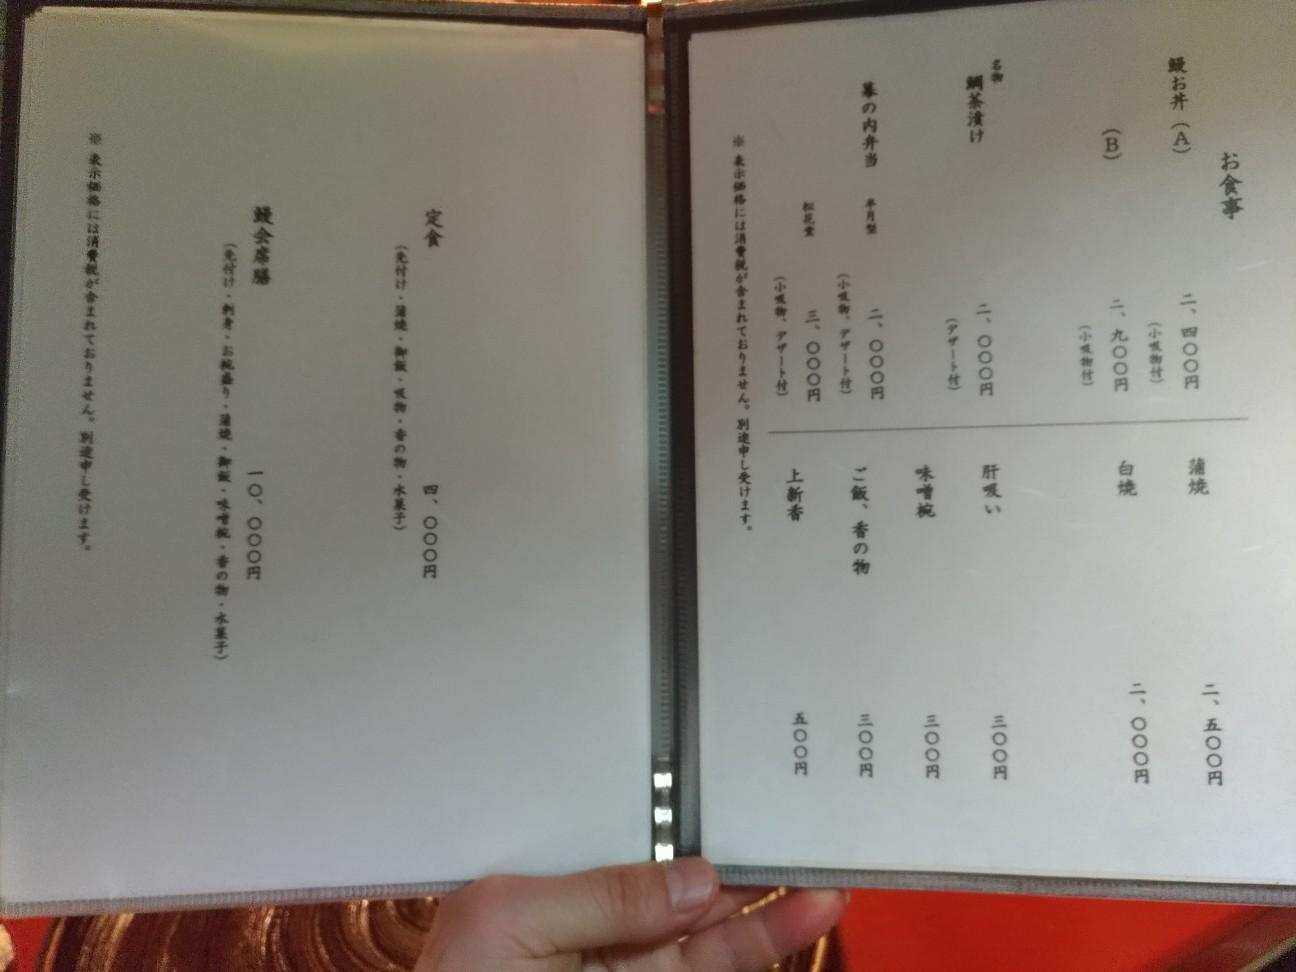 f:id:HKT1989:20200105234135j:plain